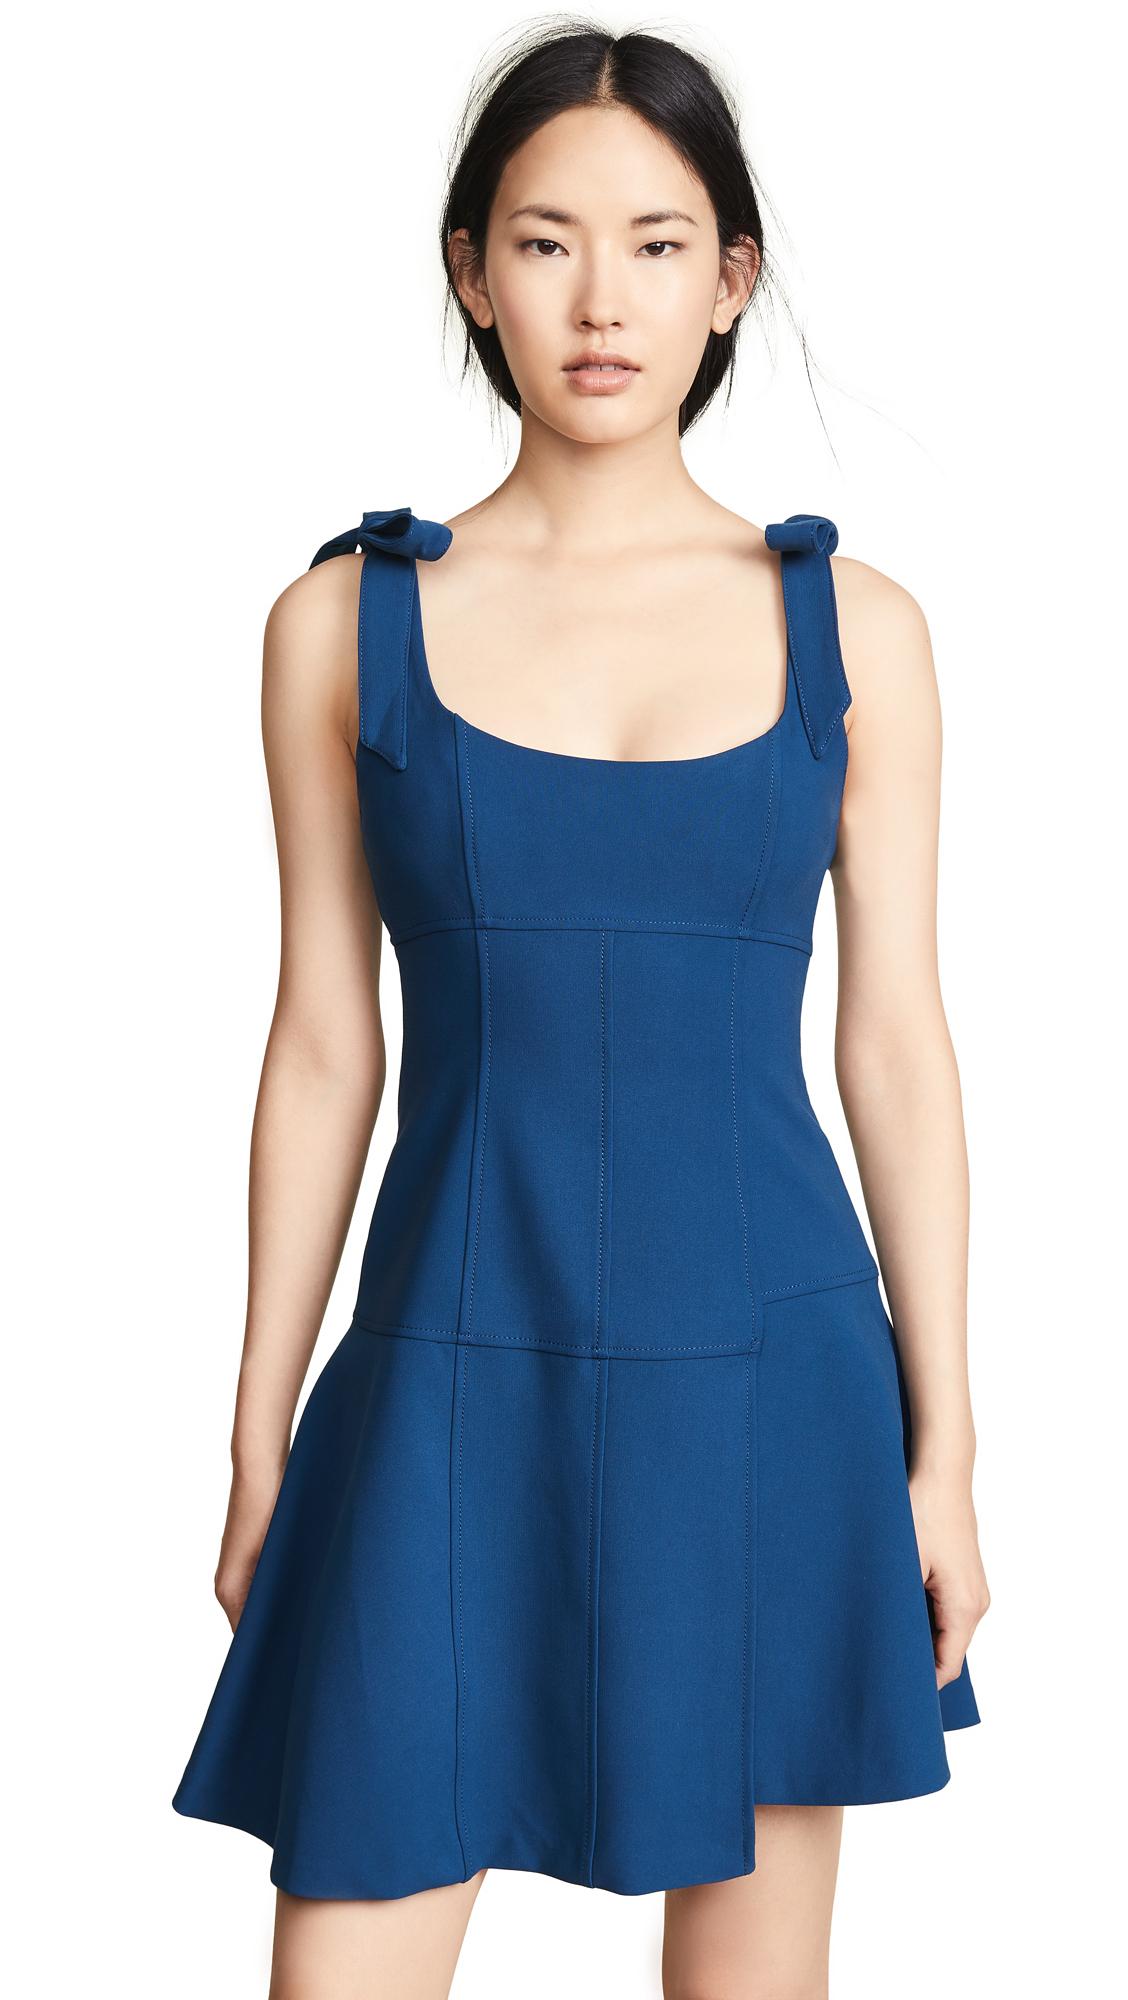 Cinq a Sept Jeanette Dress - Lapis